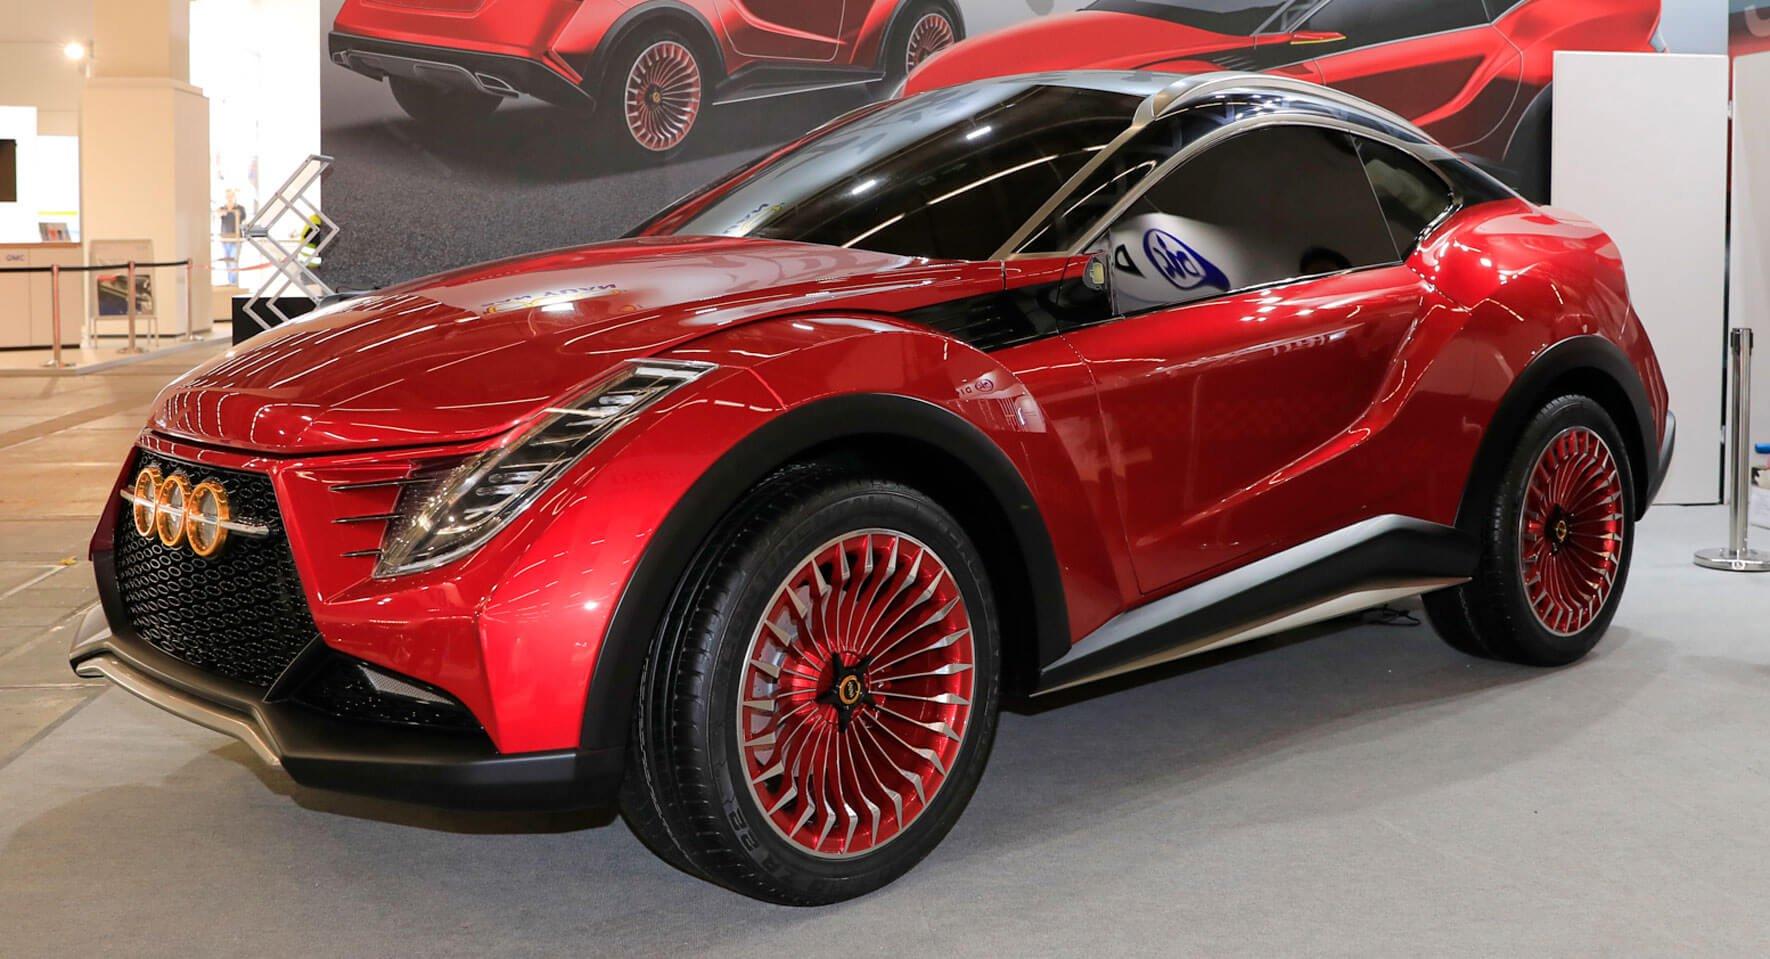 На Франкфуртском автосалоне представлены не только интересные модели знаменитых марок, но и странные машины от малоизвестных производителей. Так, тайваньская компания продемонстрировала San Yuan Concept – прототип двухдверного купе-кроссовера.